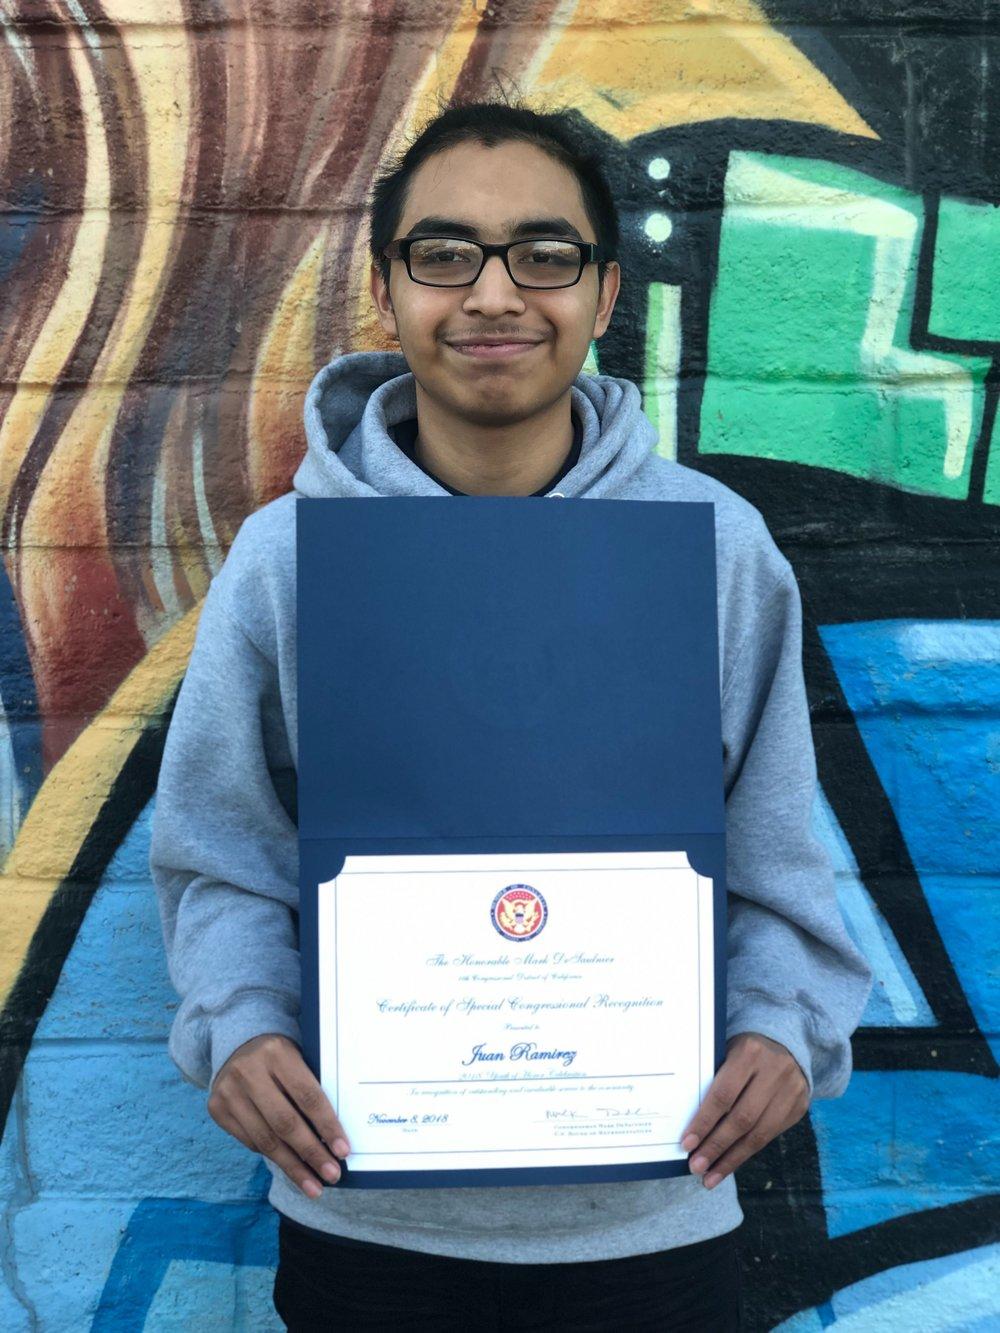 Youth of Honor Awardee: Juan Ramirez